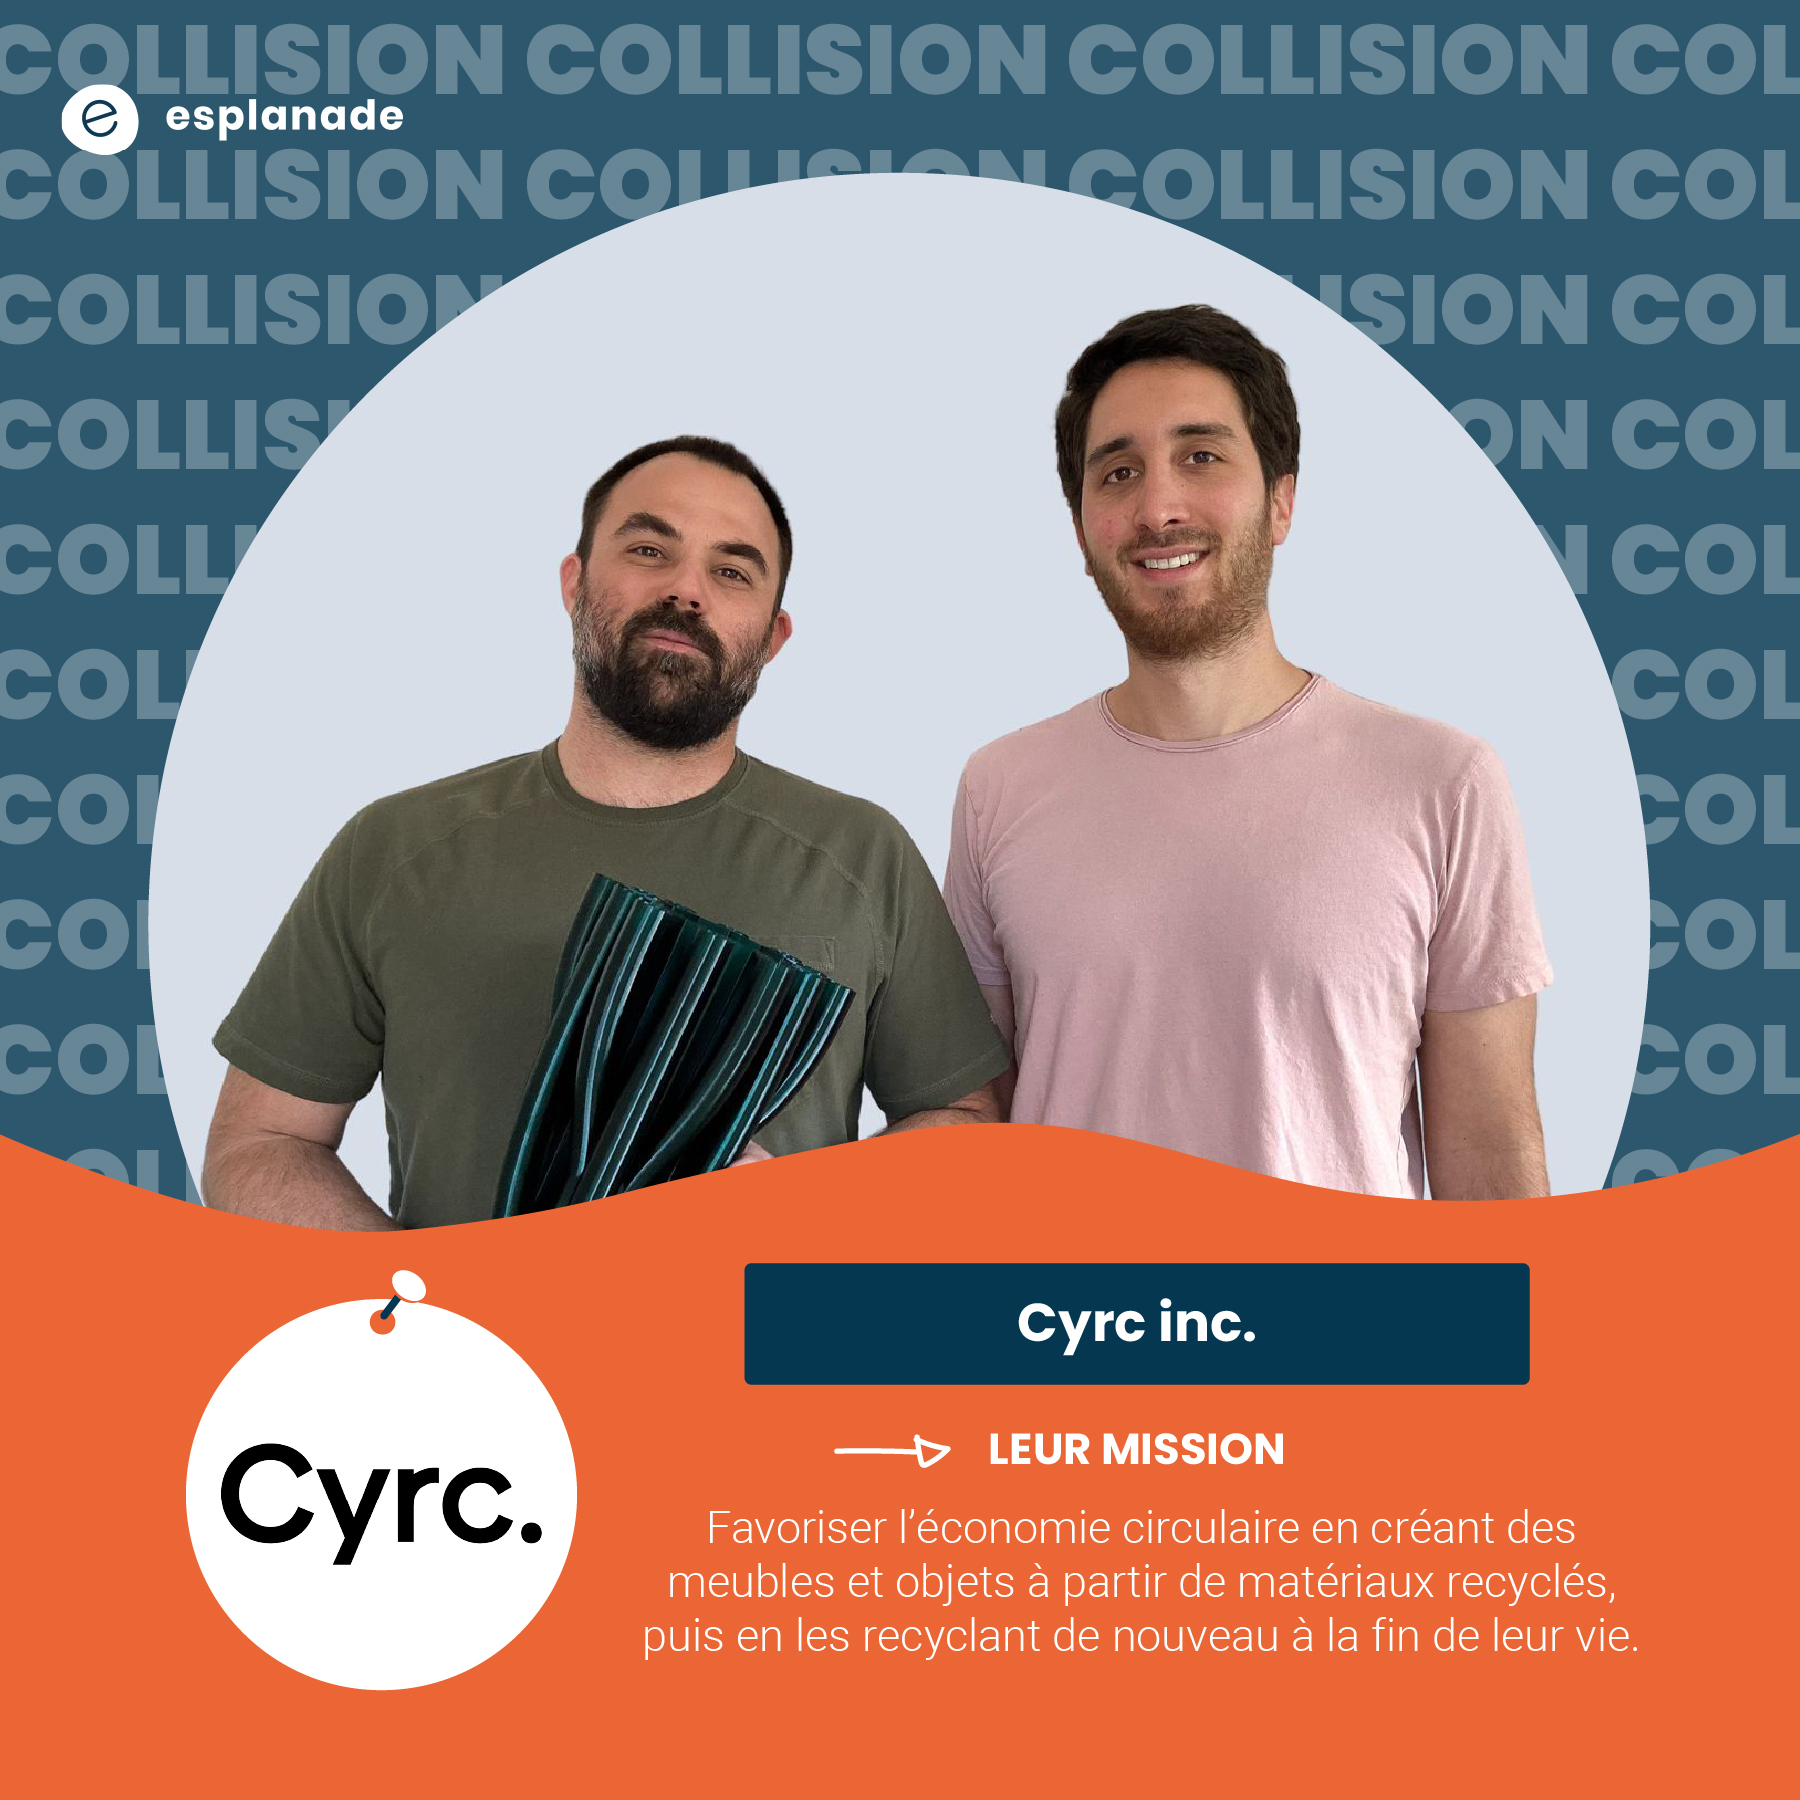 Guy Snover et Daniel Martinez de Cyrc inc.